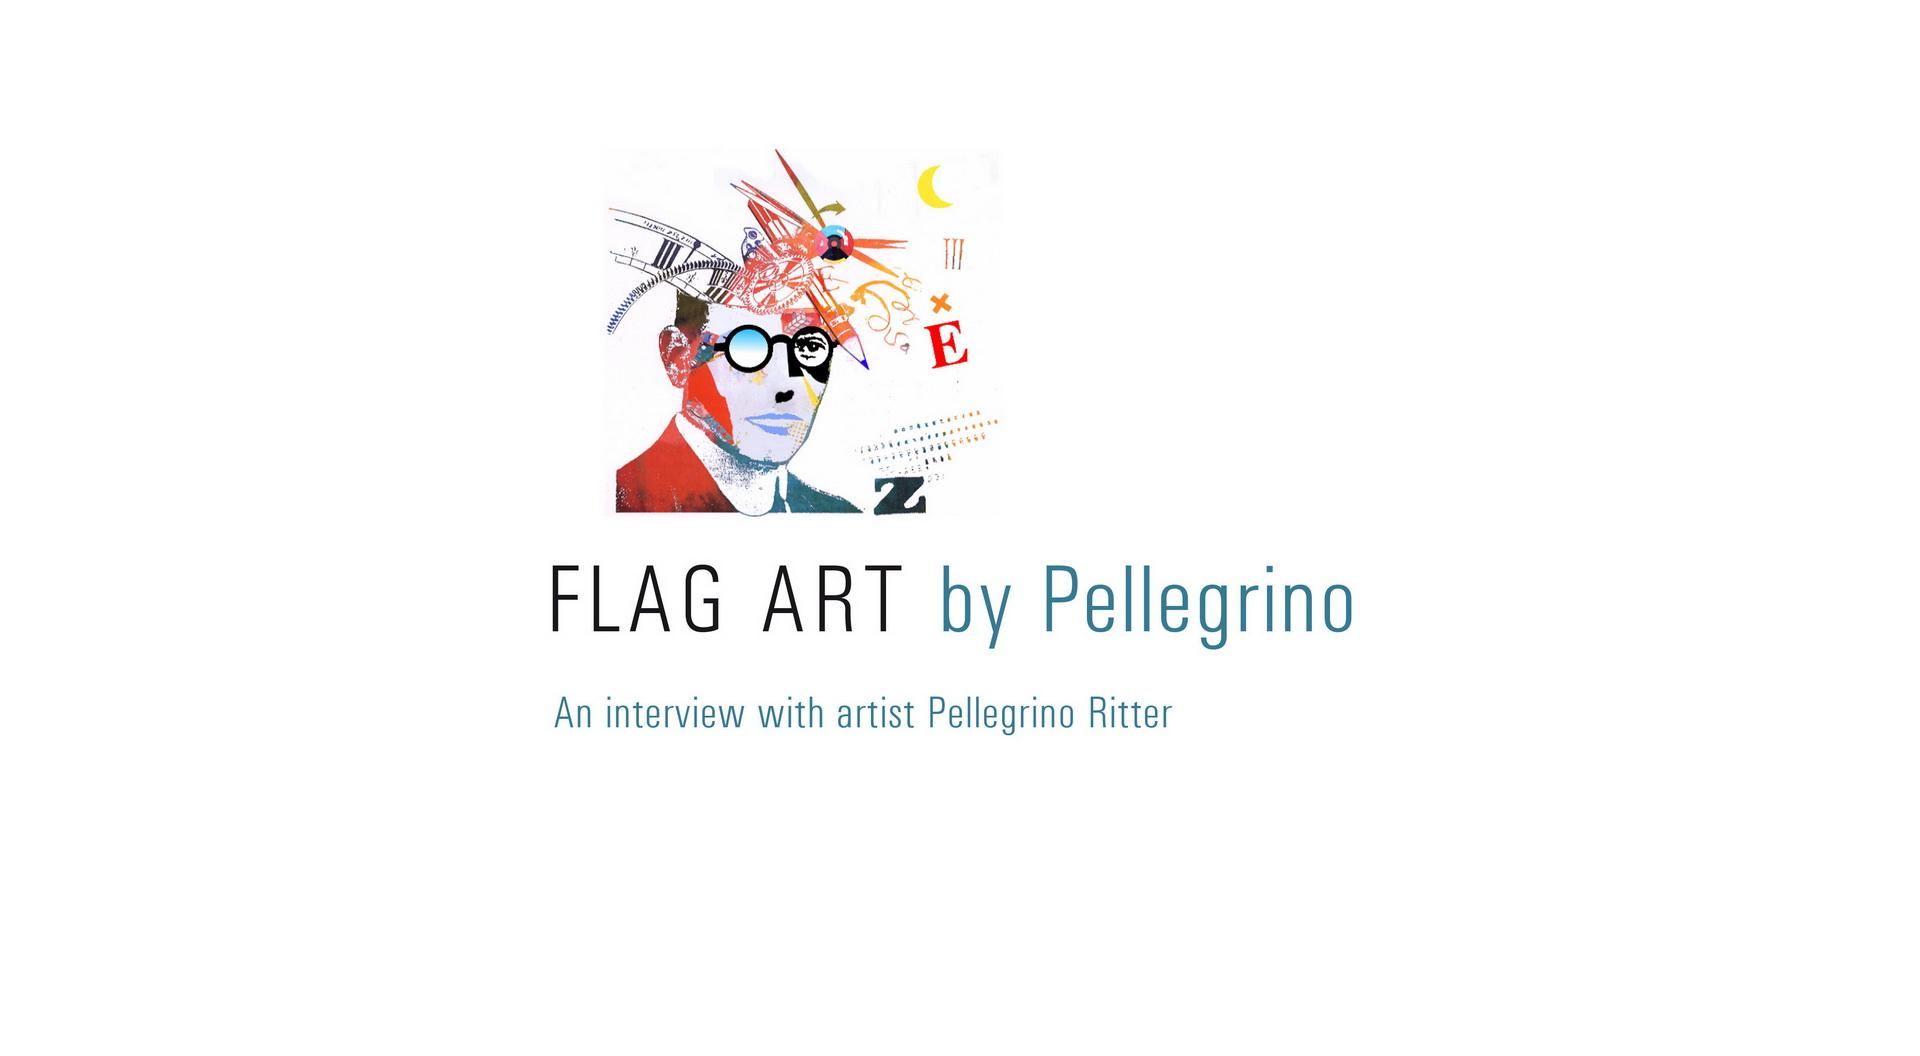 Pellegrino-flagart-1920air03